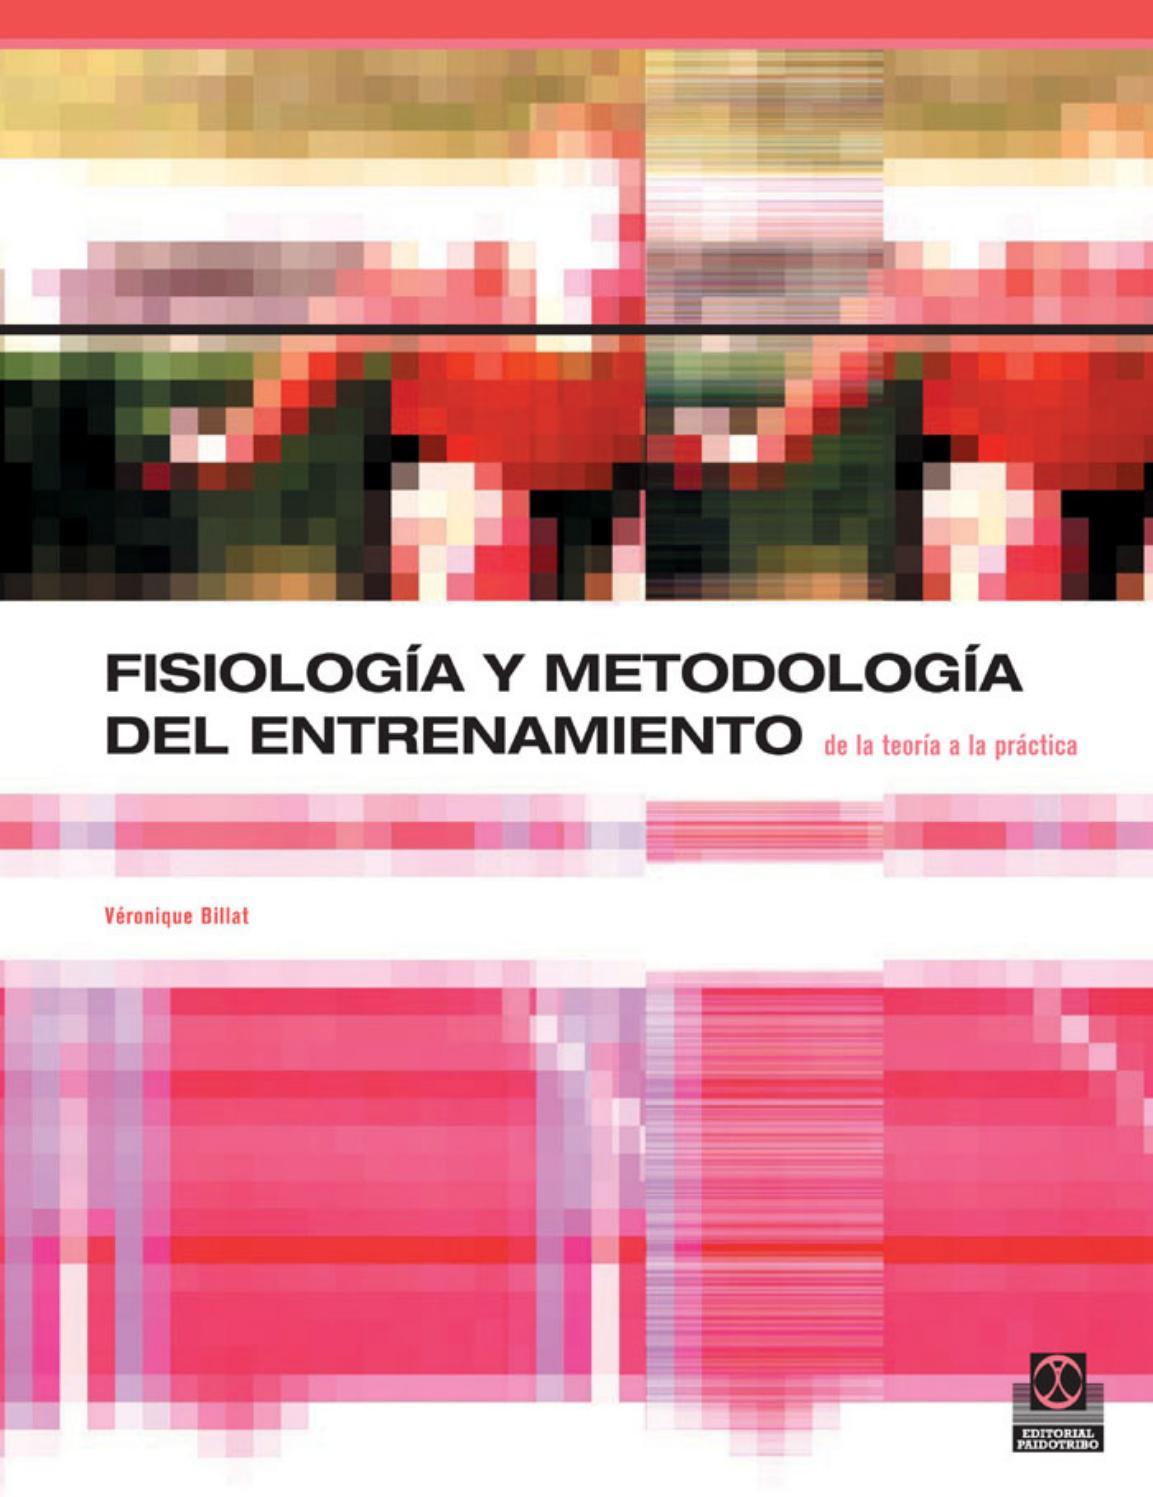 Billat, veronique fisiologia y metodologia del entrenamiento by ...